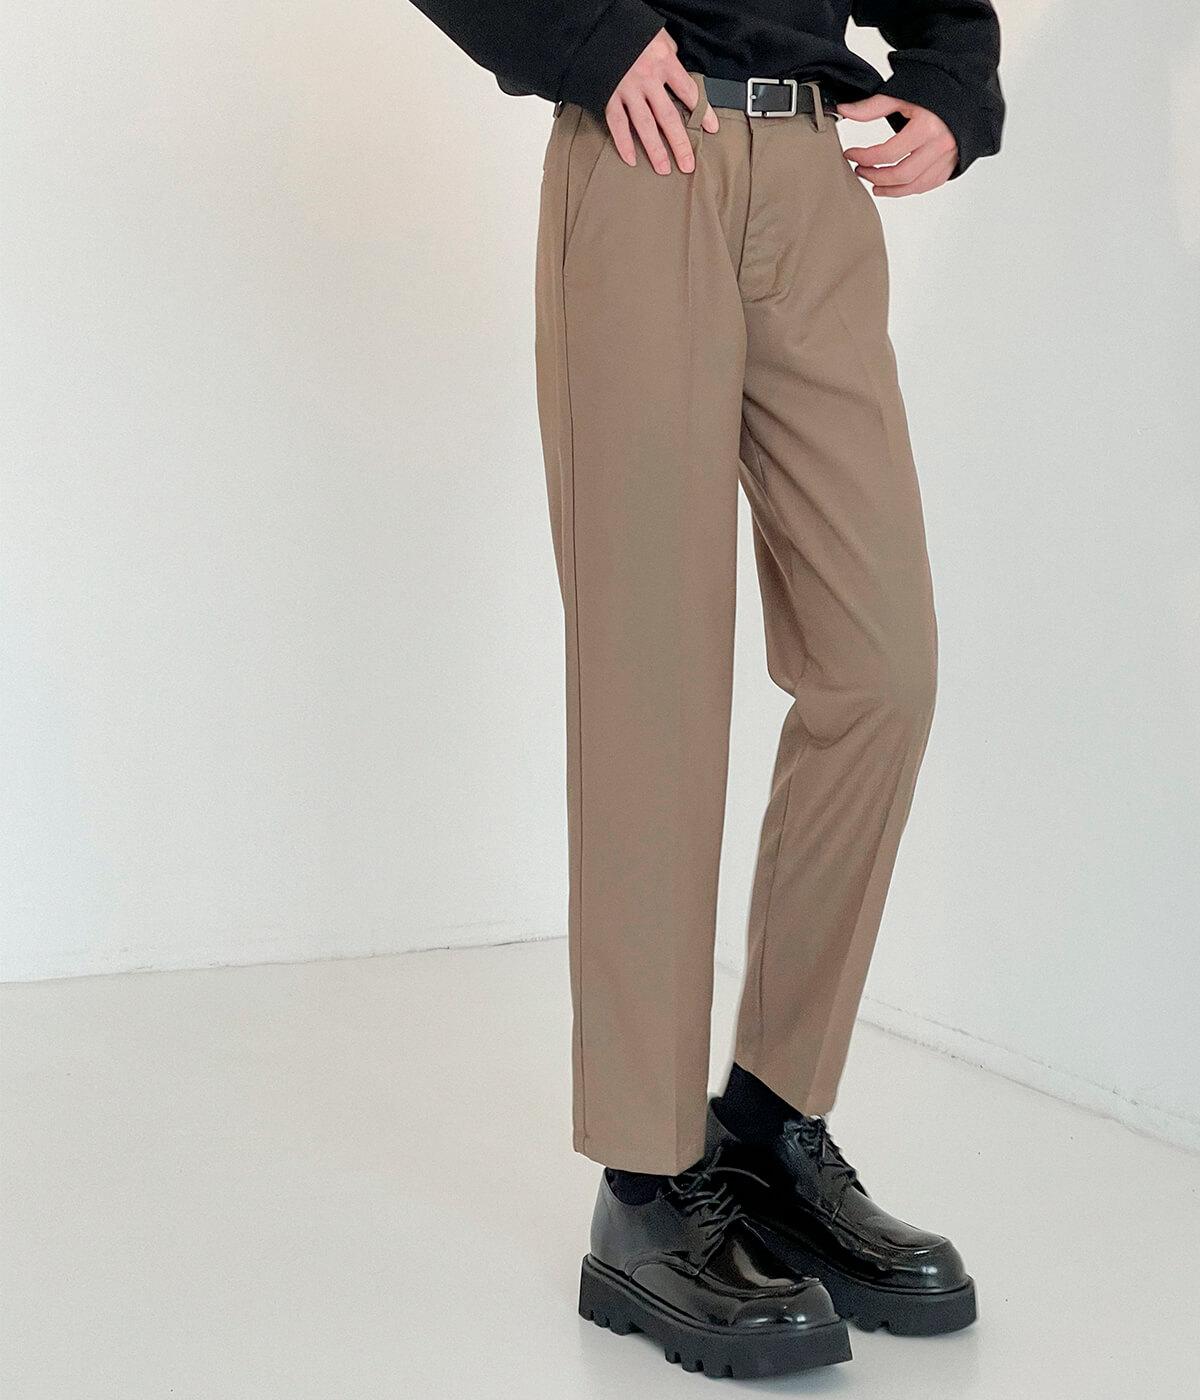 Брюки DAZO Studio Straight Crop Basic Pants (10)